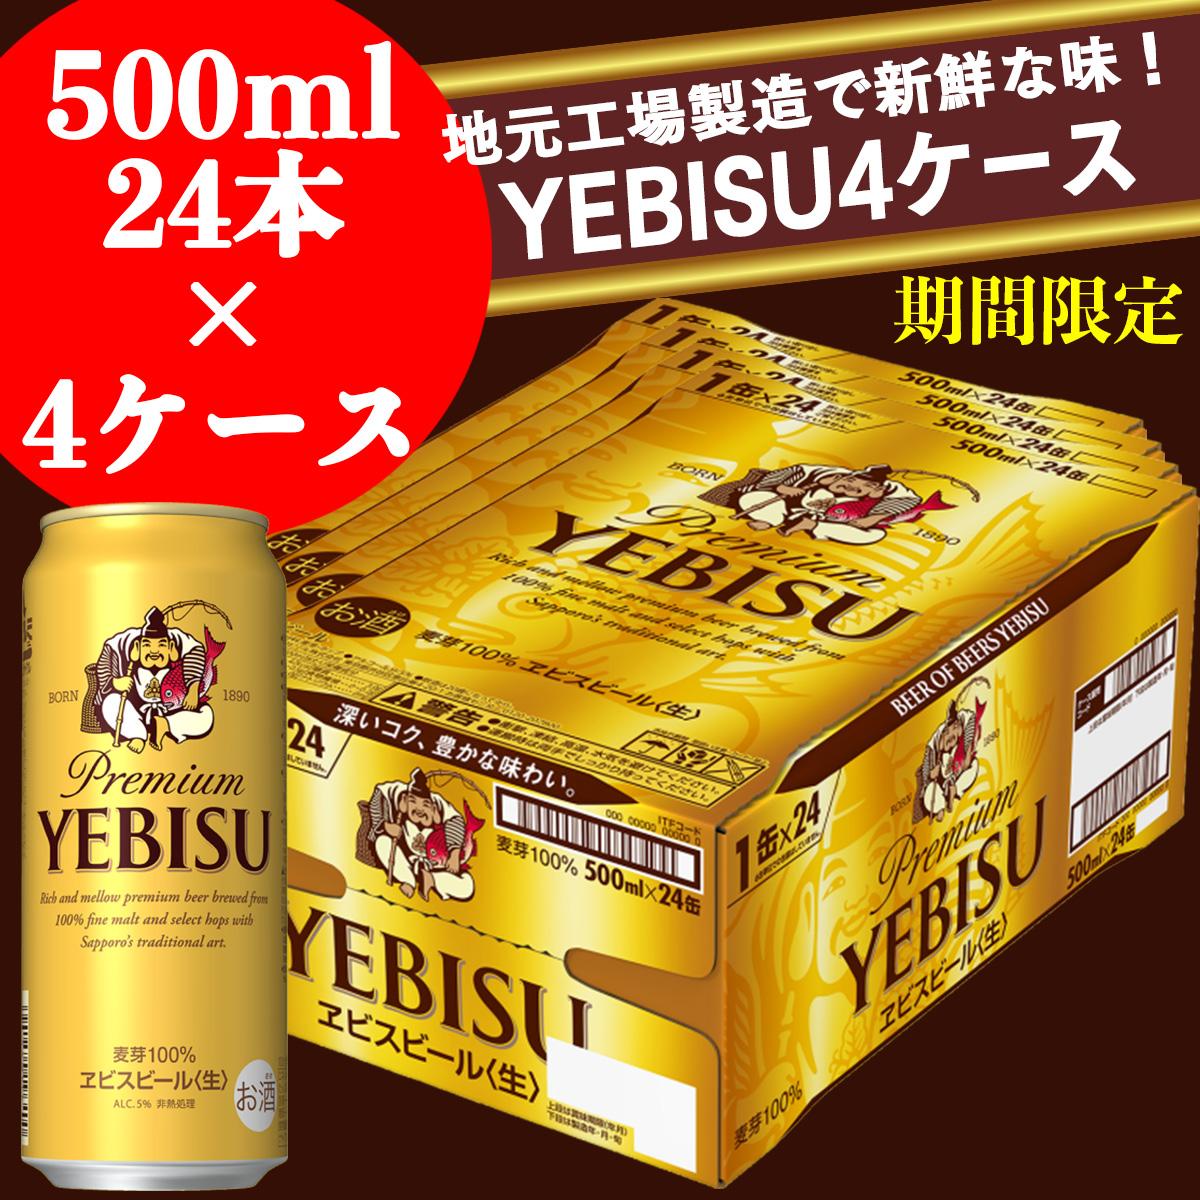 【ふるさと納税】地元名取生産 ヱビスビール 500ml 24本×4ケース